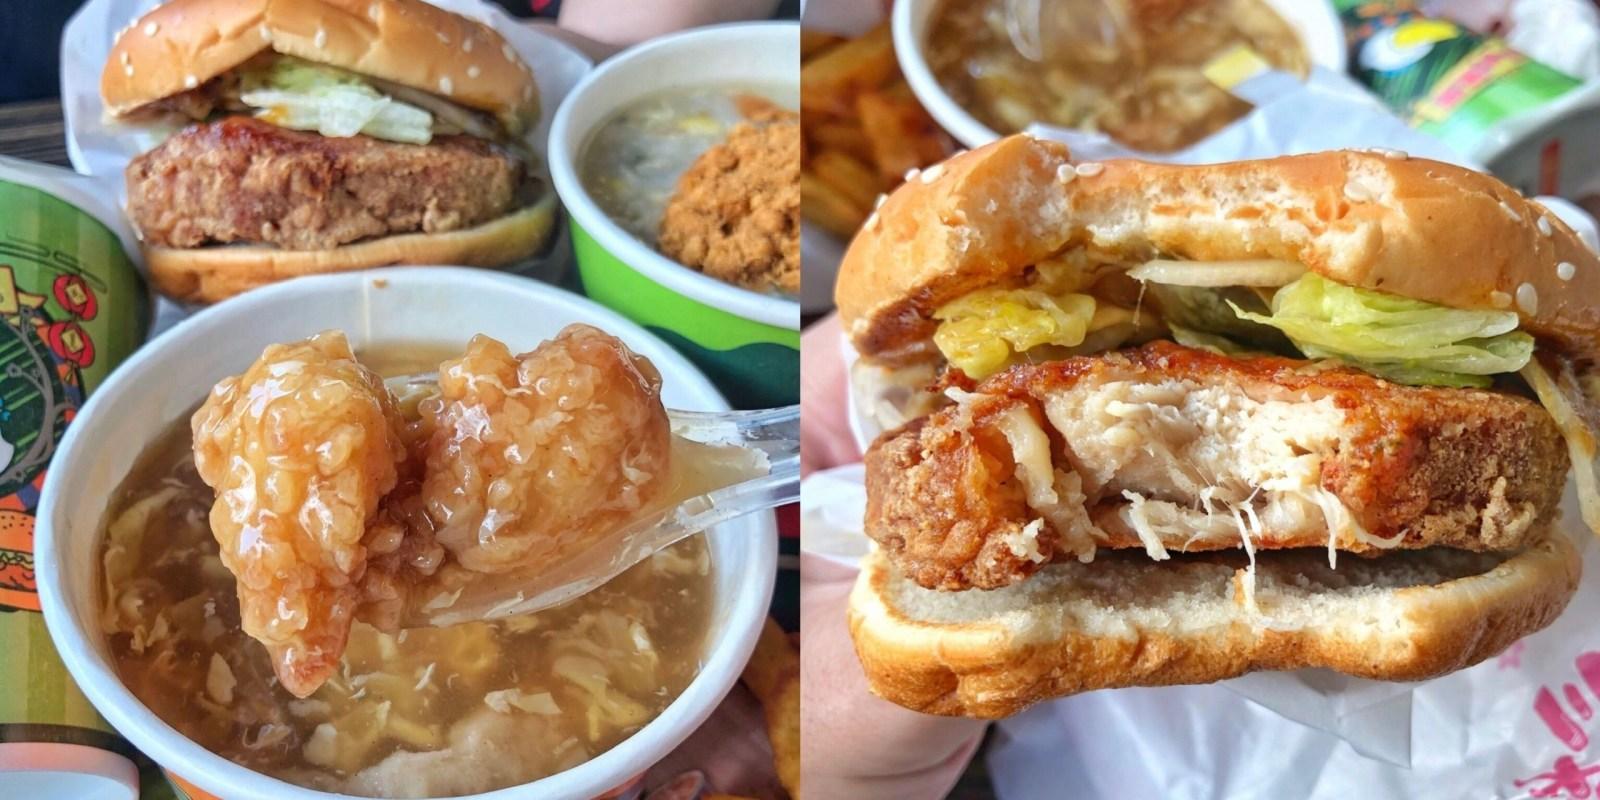 【丹丹漢堡】限時兩個月新推出「三杯雞堡」套餐特價99元!玉米大濃湯只要+8元|內文附2021新菜單及優惠